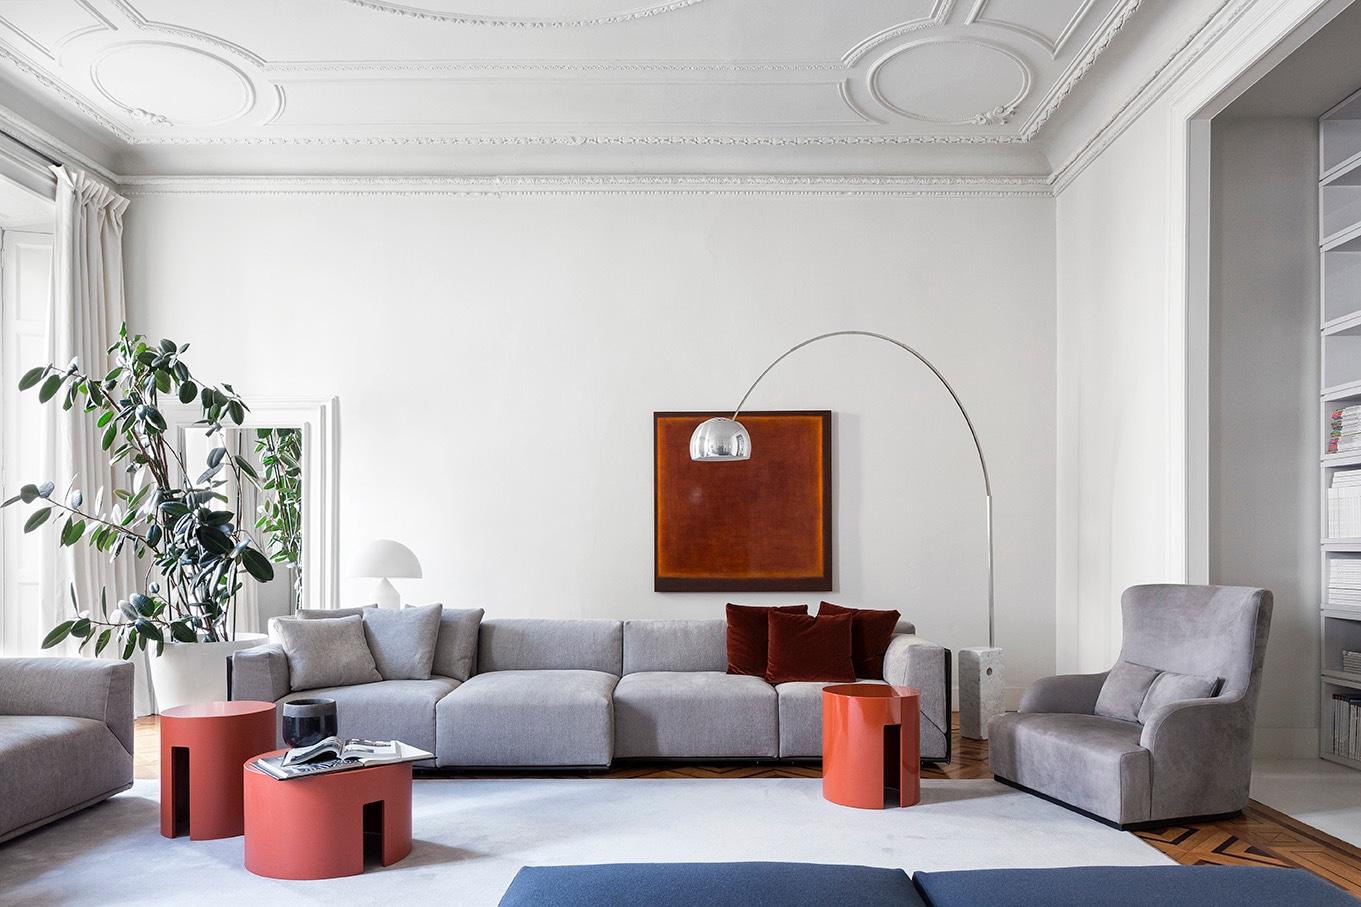 Stile stili a tavola nutrirsi con il design interni for Casa rugiati